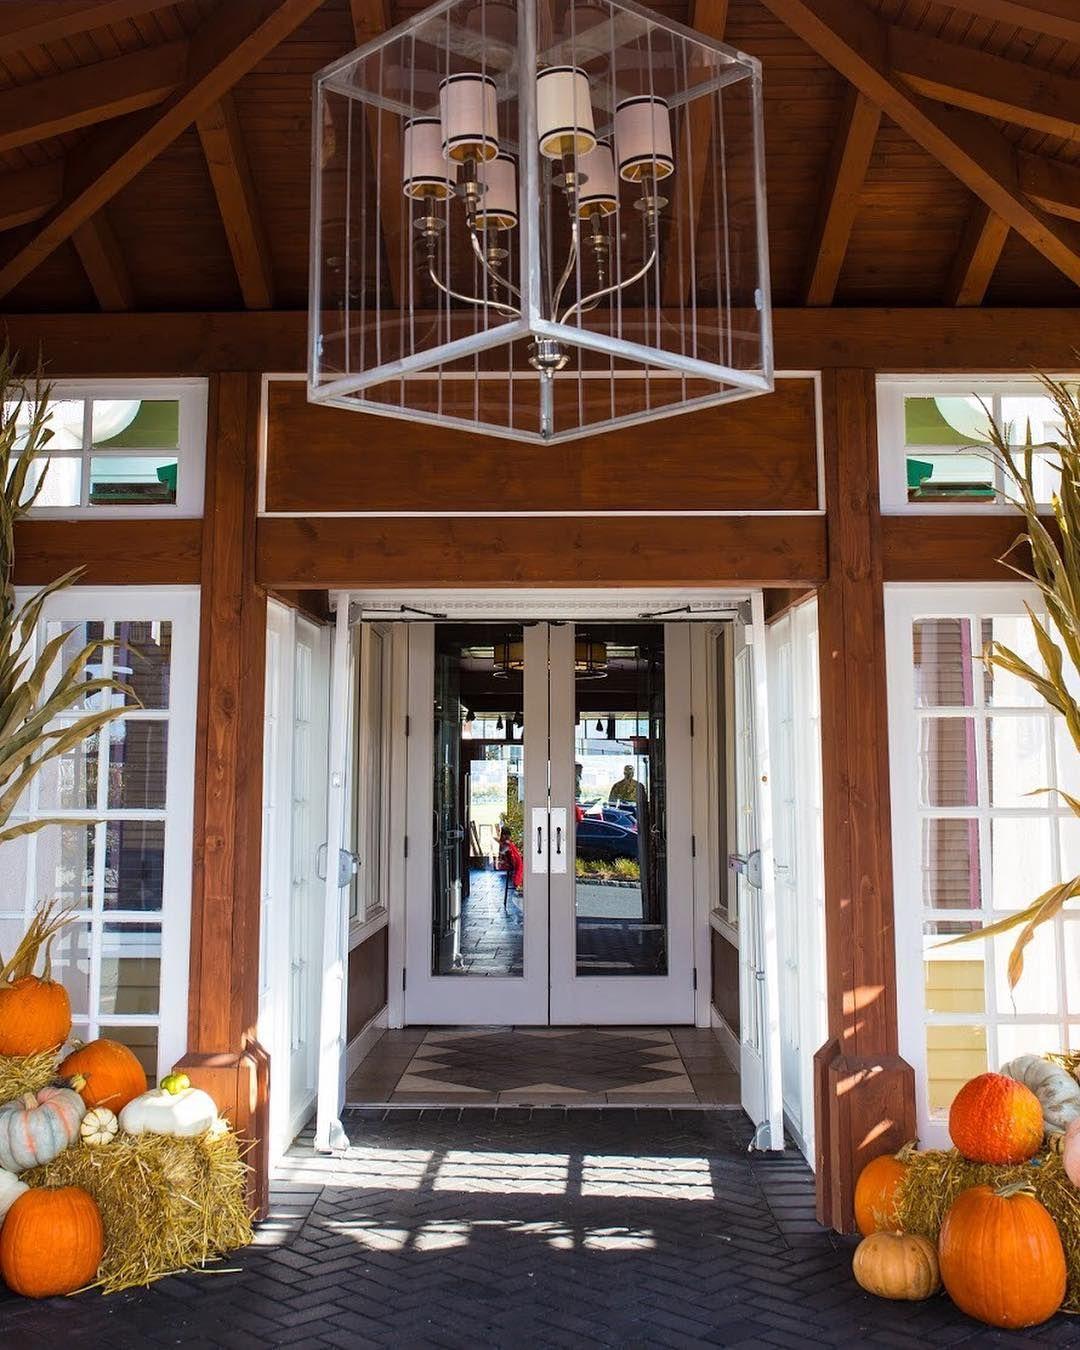 Fall morning vibes. libertyhouserestaurant pumpkin